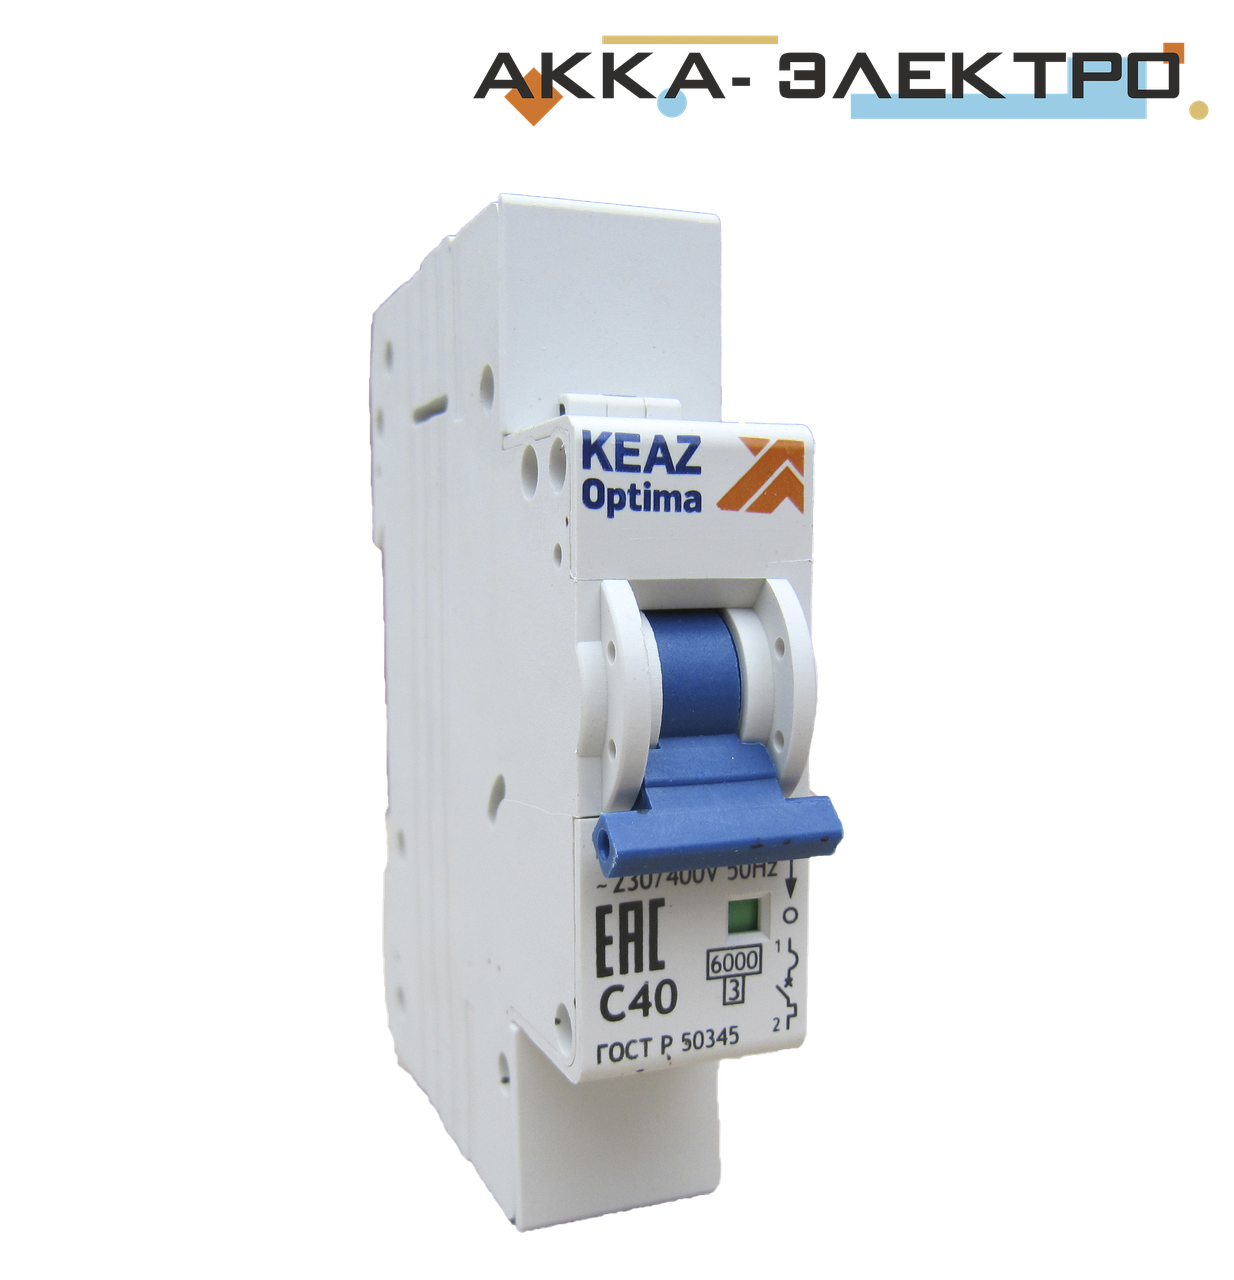 Выключатель автоматический BM-63 1п/6А KEAZ optima